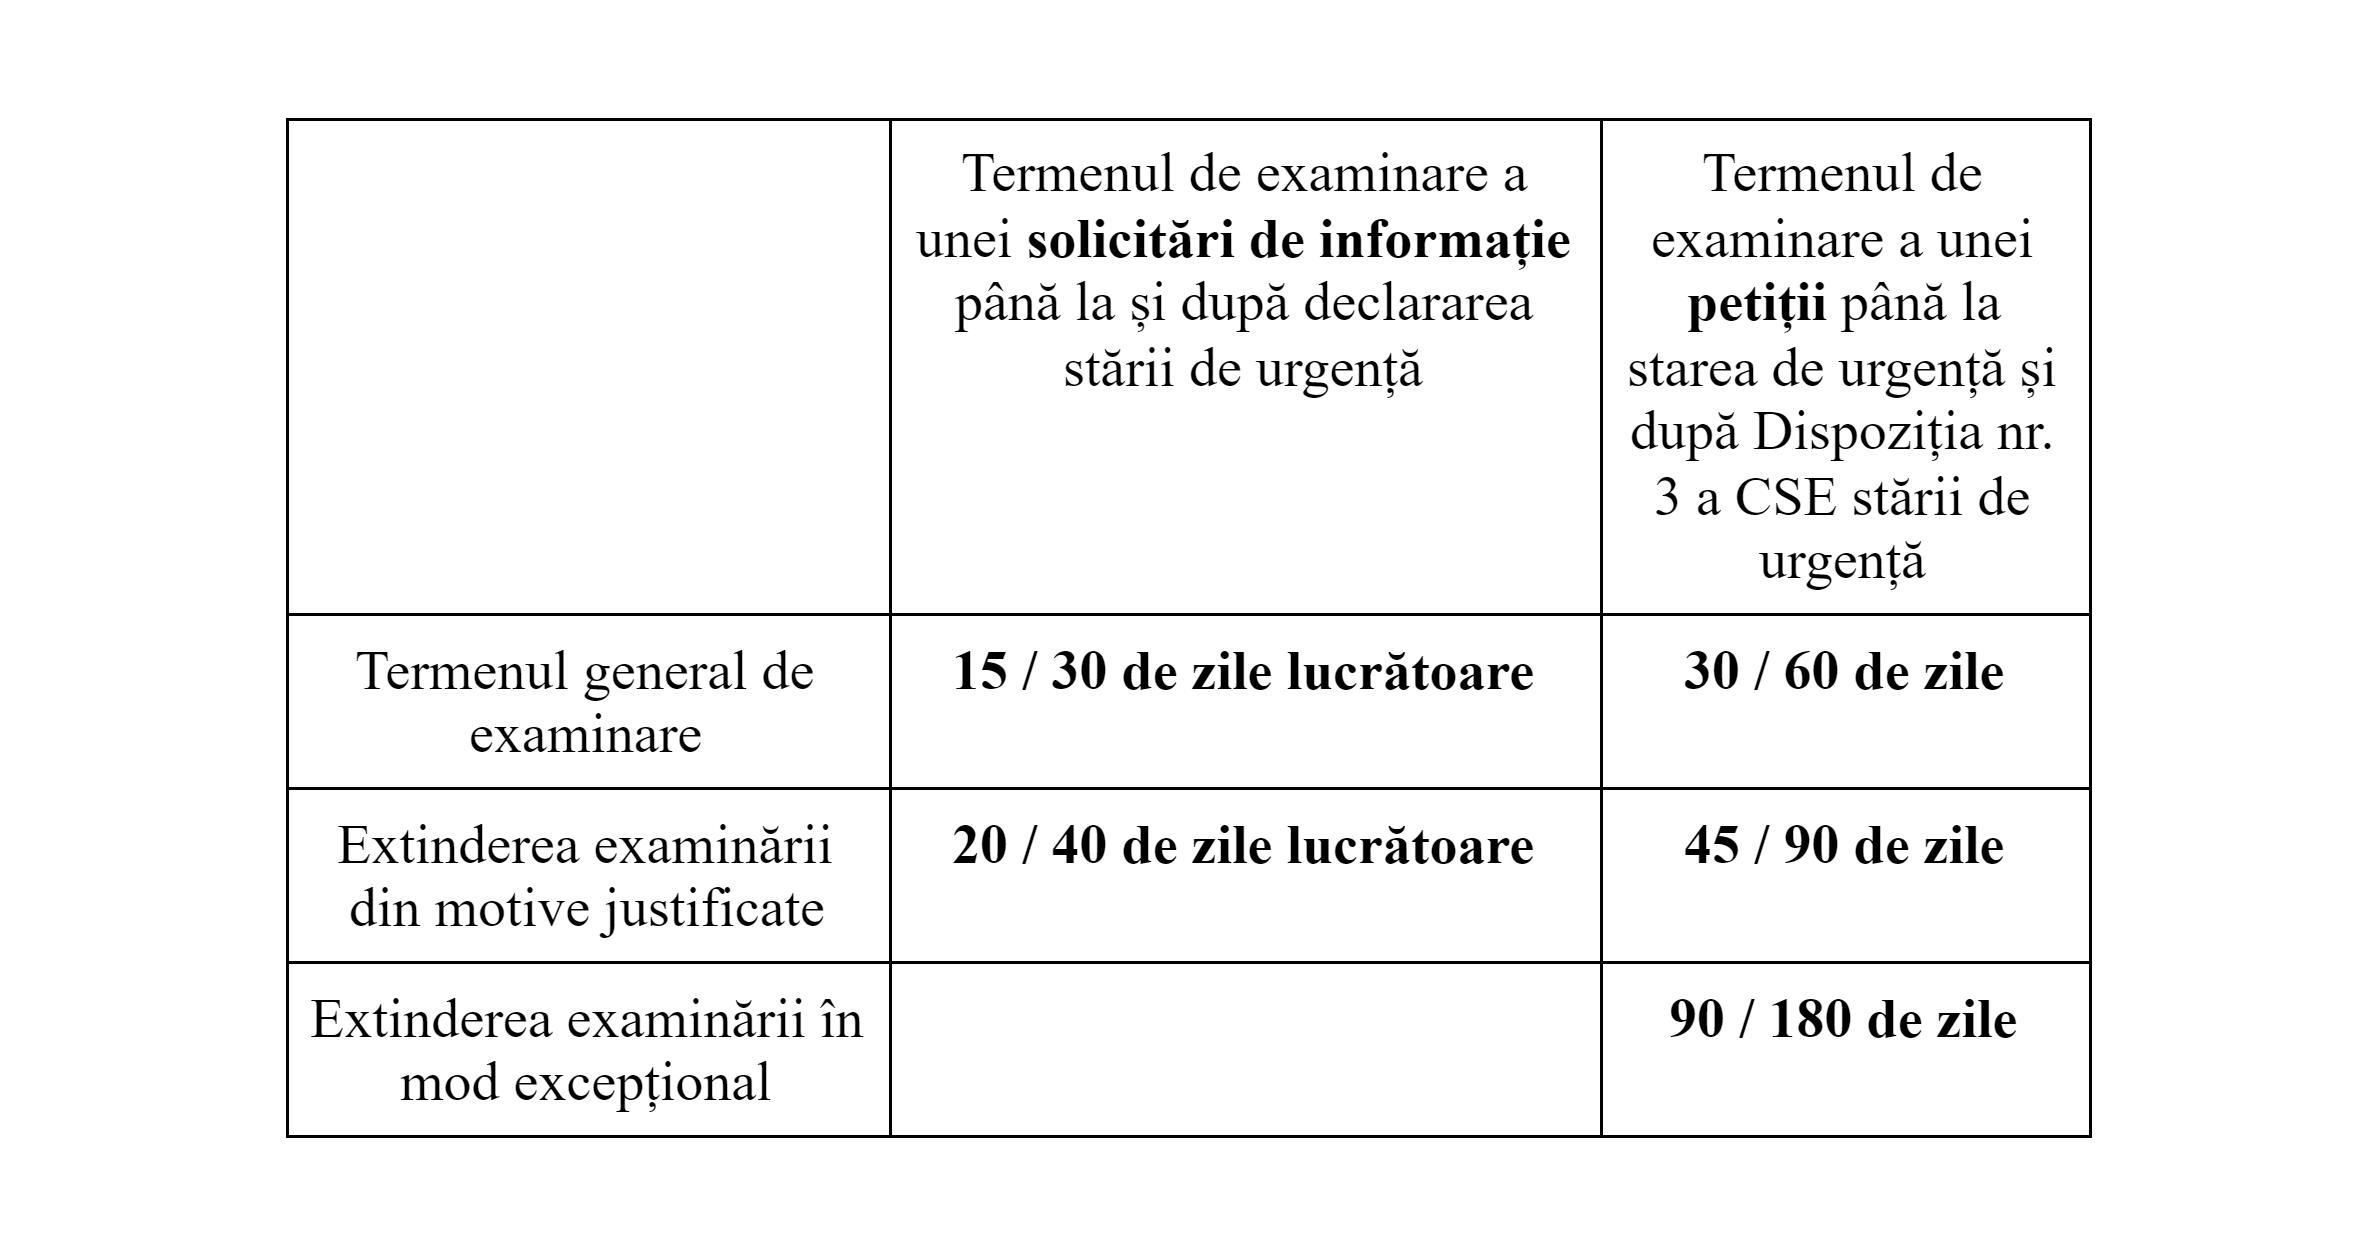 termenii în care autoritățile trebuie să dea un răspuns la o solicitare de informație sau la o petiție